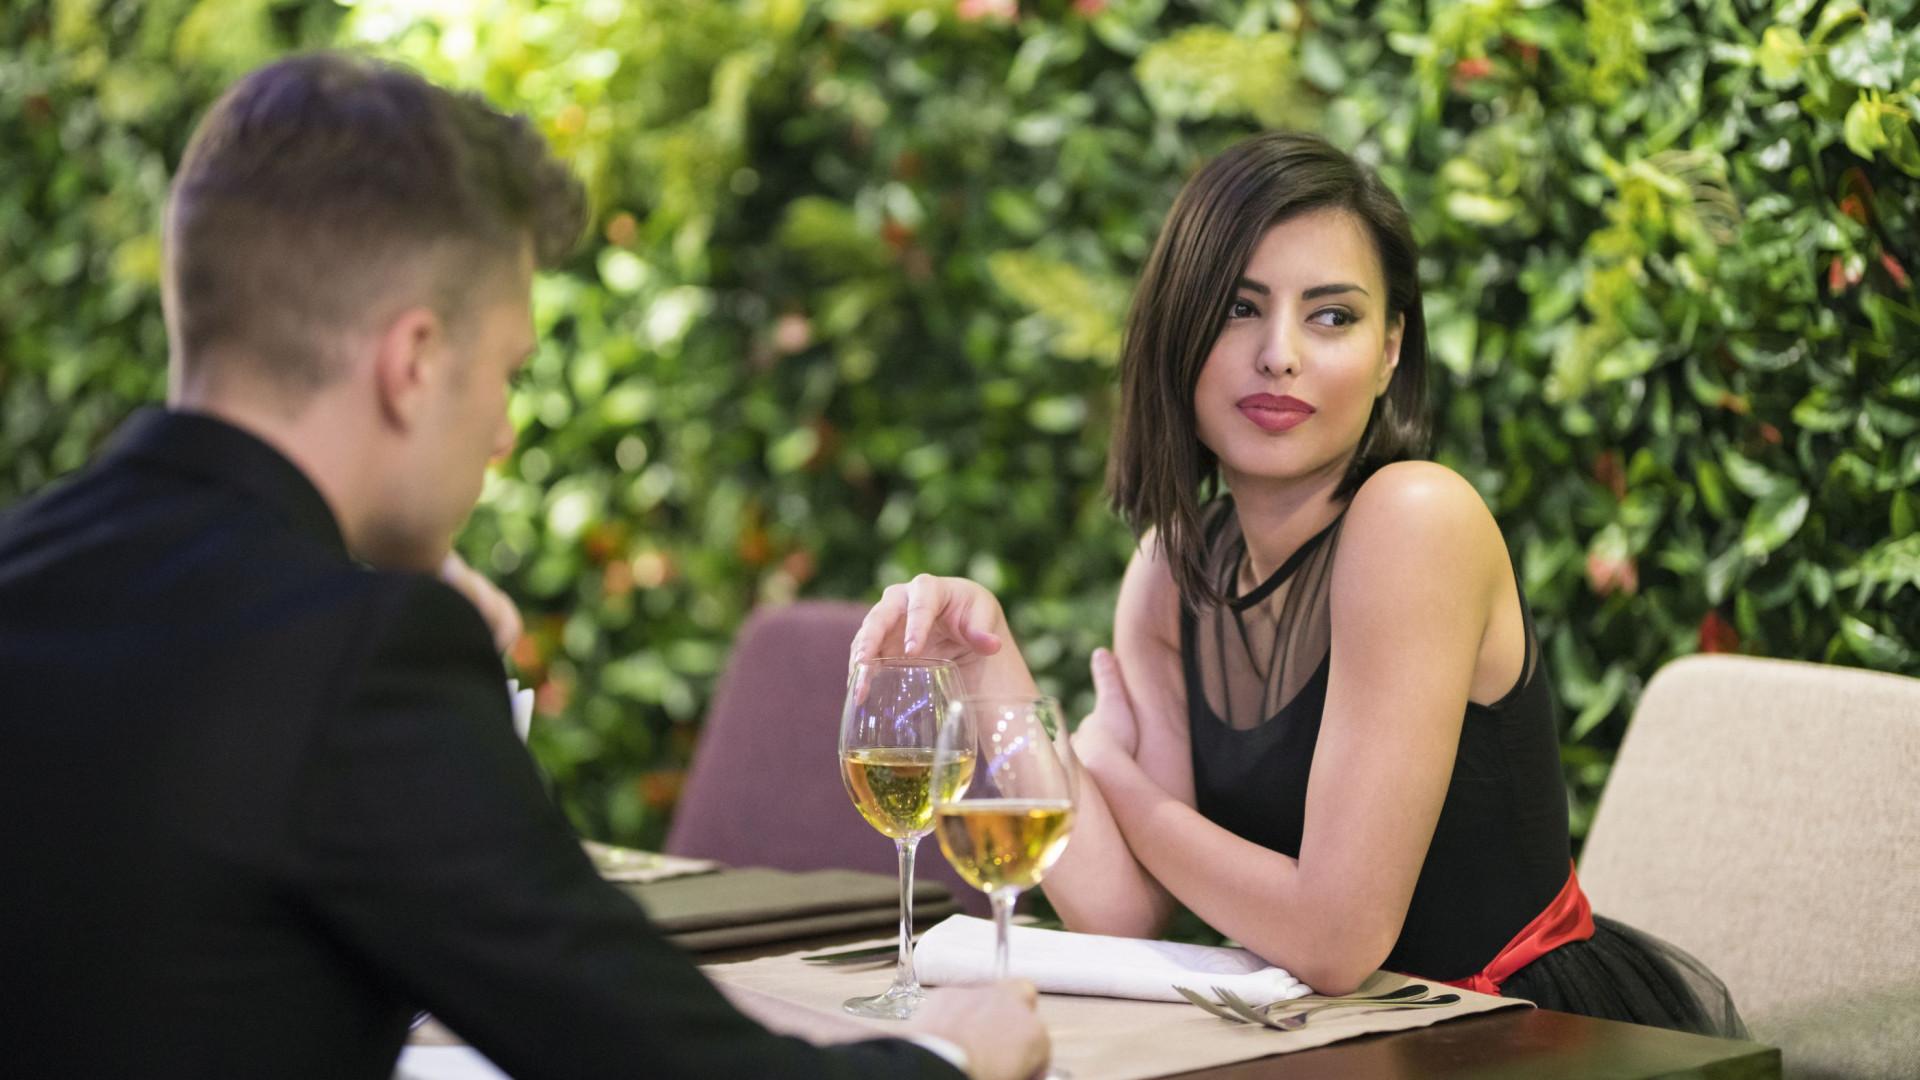 Mais de 60% das mulheres optam por pagar a conta no primeiro encontro